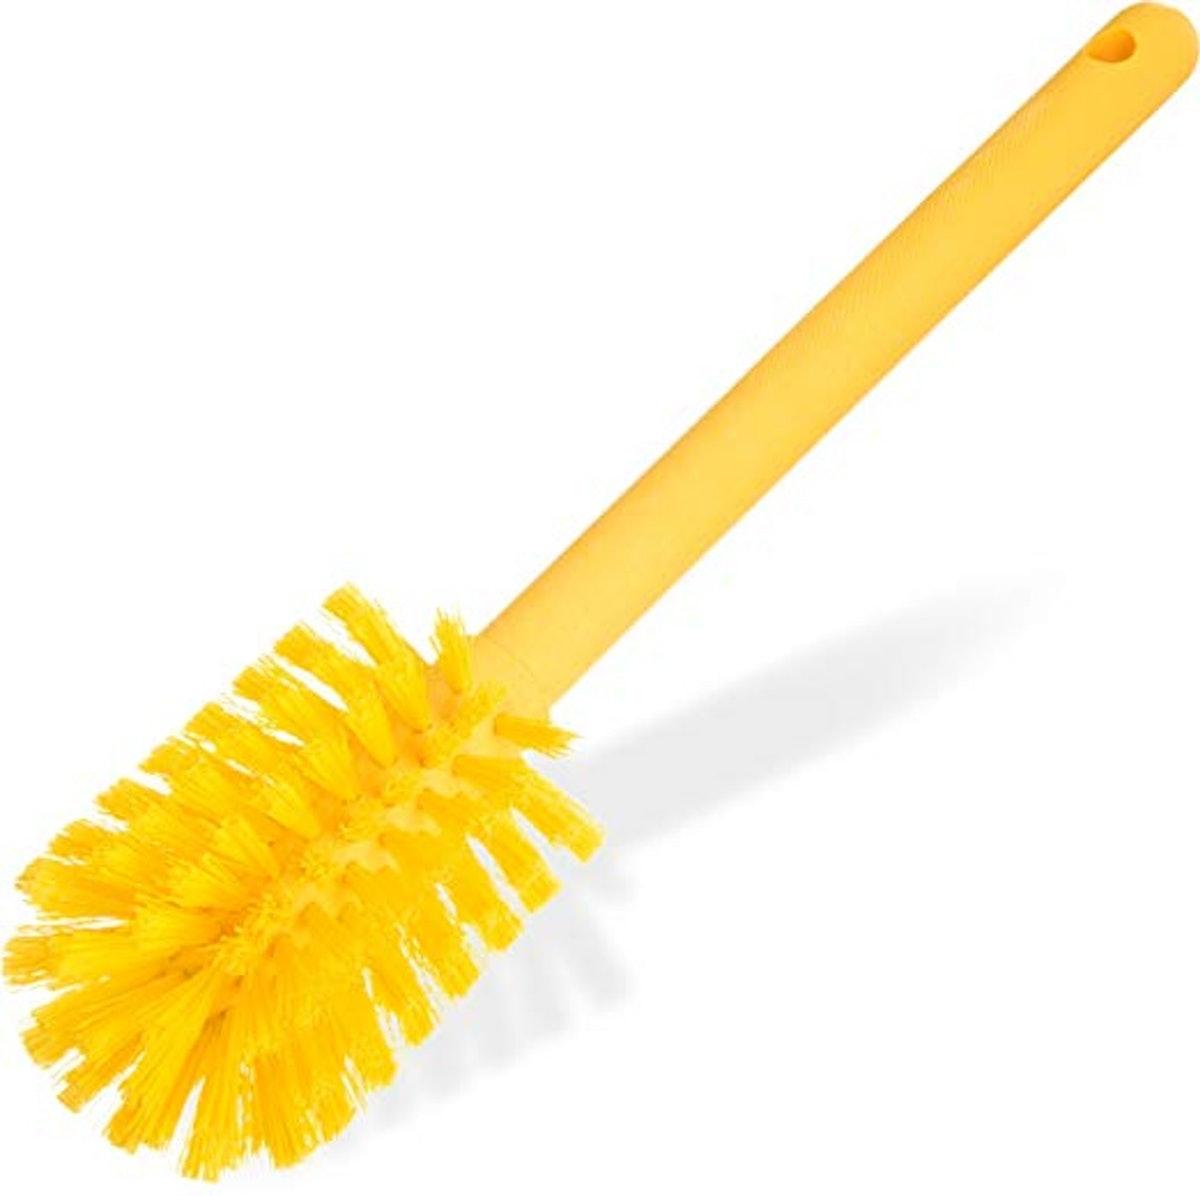 Carlisle Commercial Bottle Brush